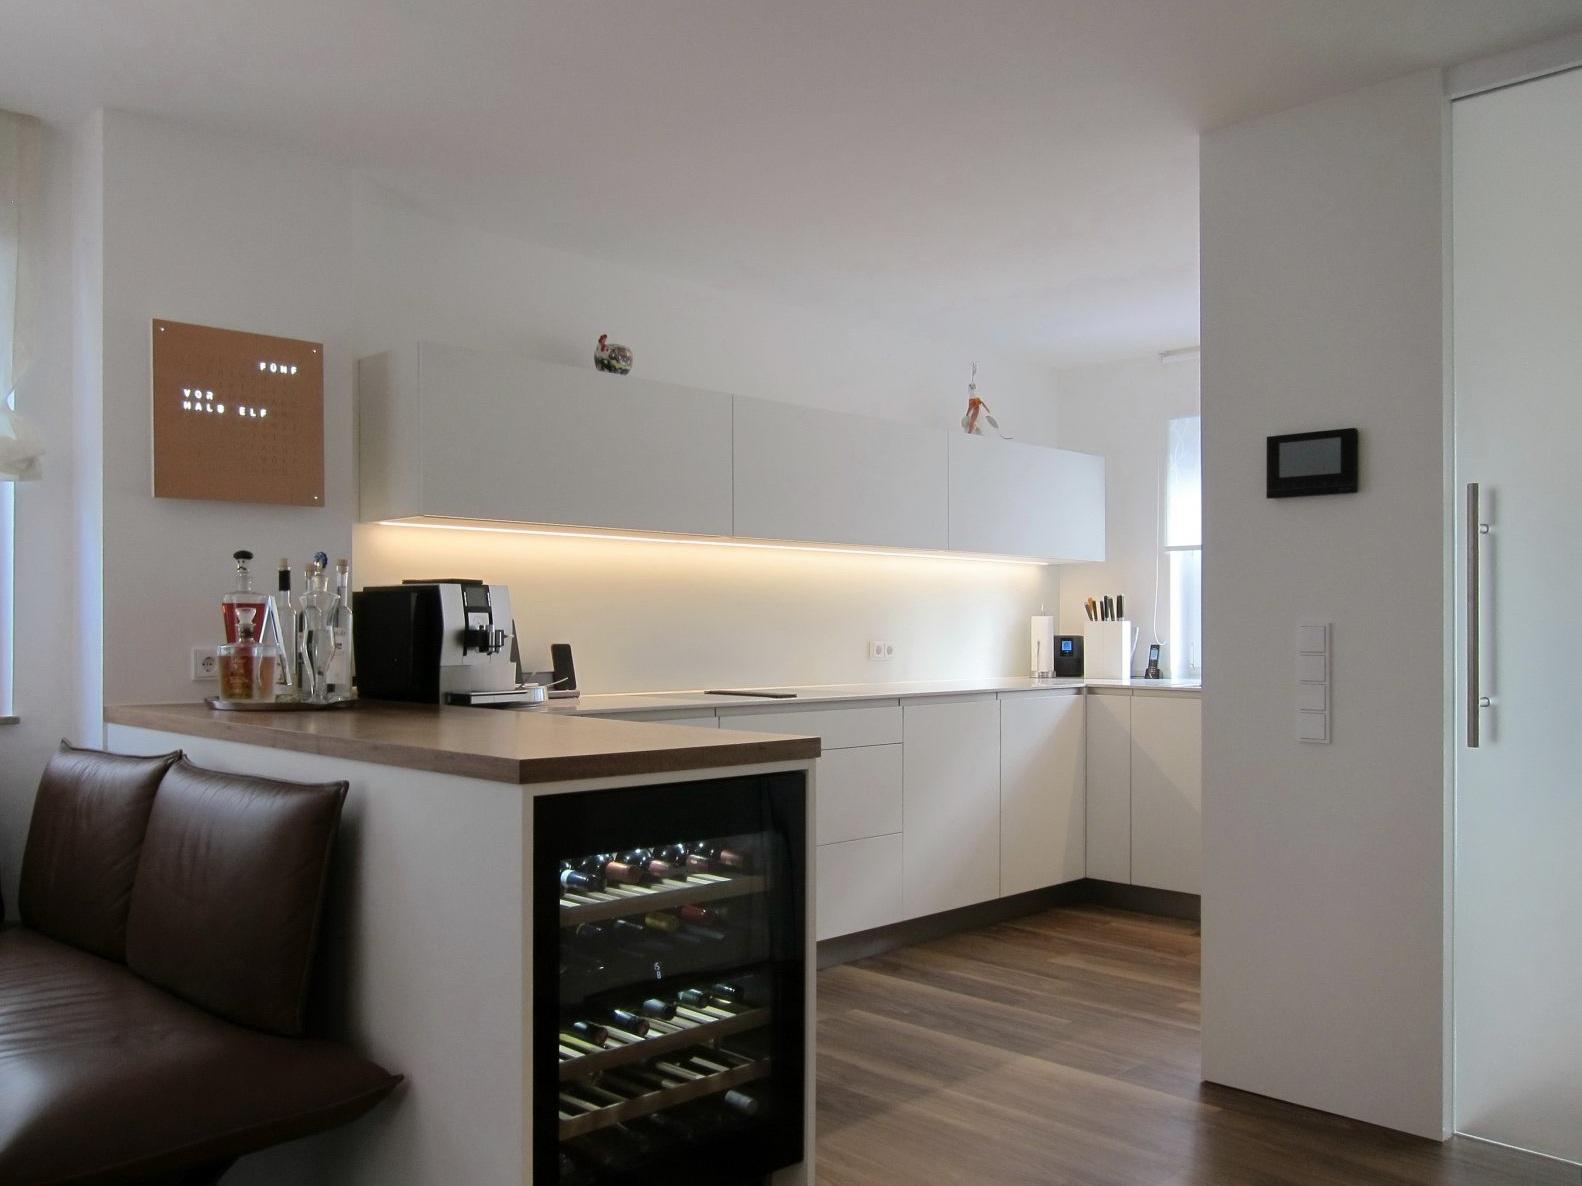 Eine Küche öffnet sich - Schiebetür geschlossen